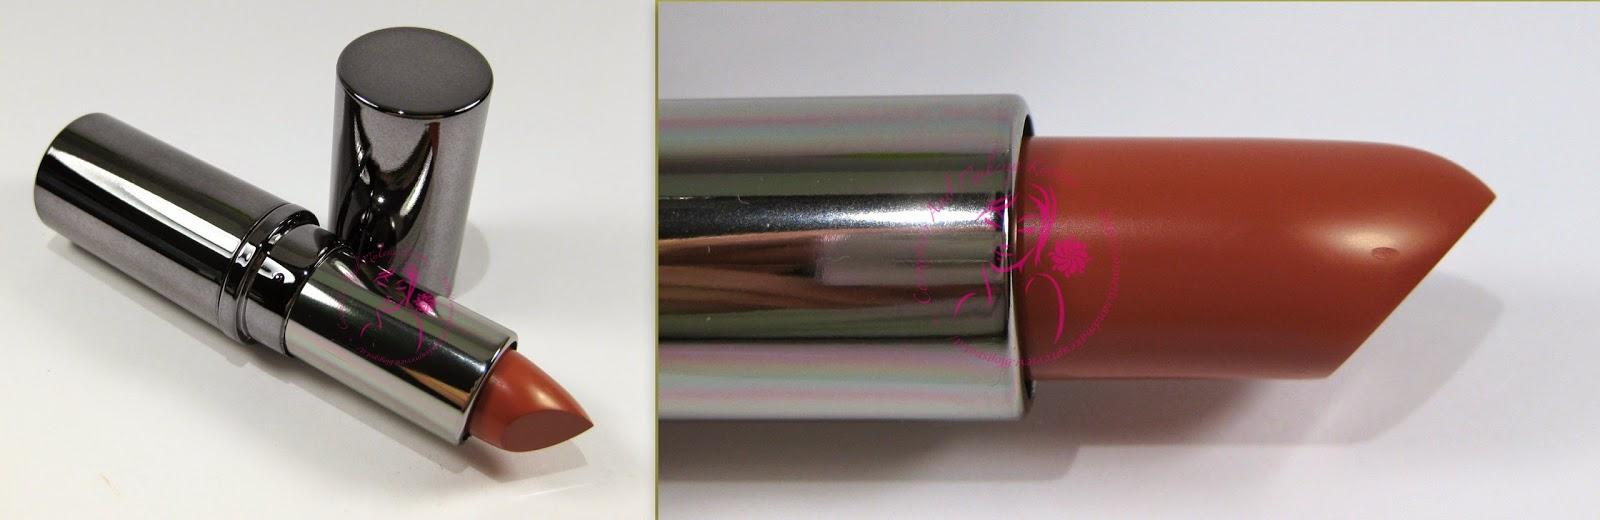 Labo Make-Up - Fashion Treatment Long Lasting Lipstick n° 01 - Amber - descrizione aperto